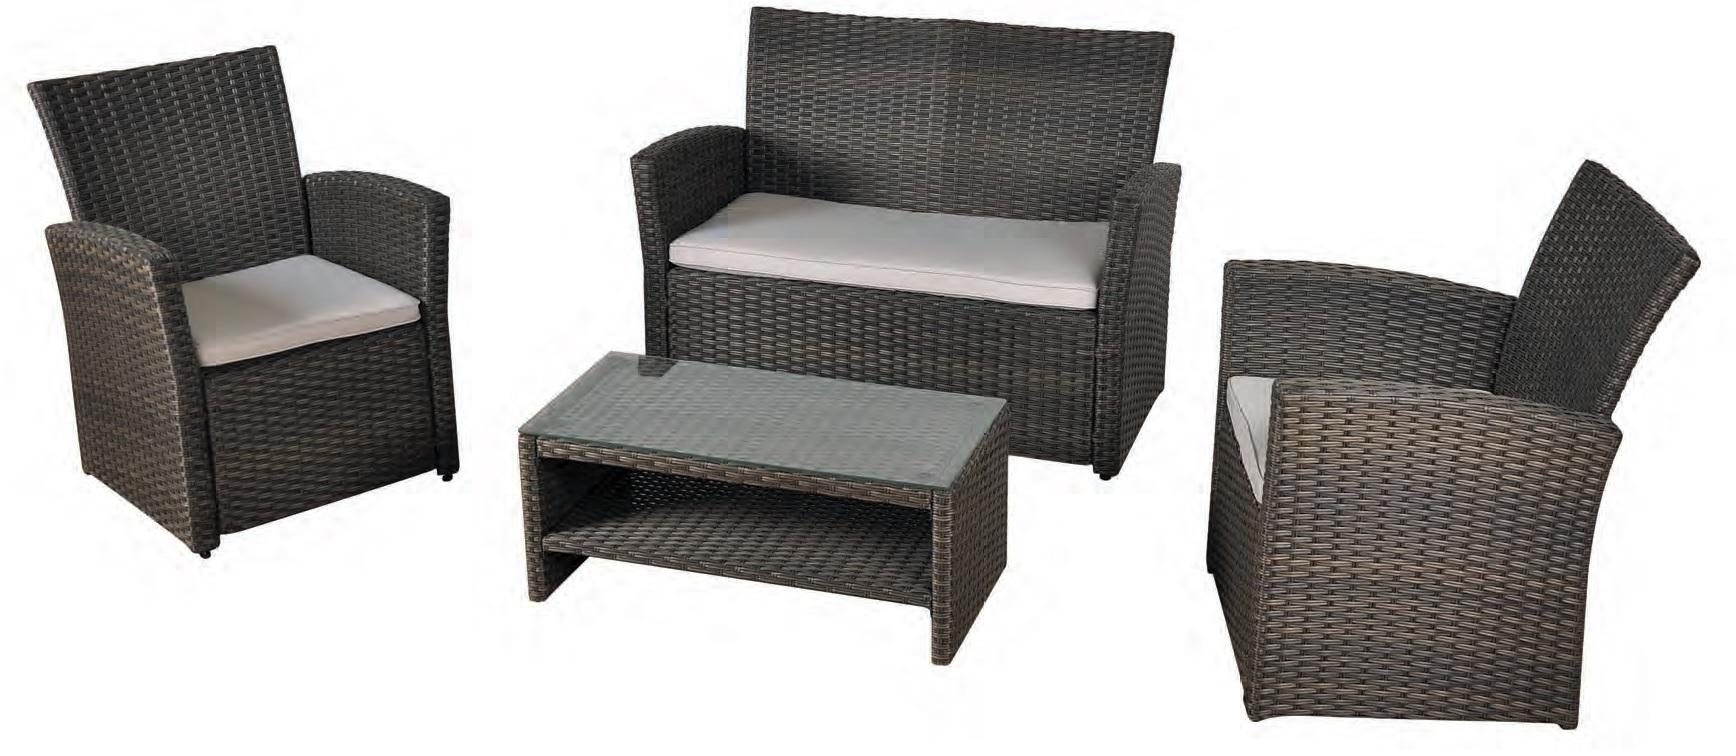 Set sofa terraza economico rattan oliver - www.regaldekor.com